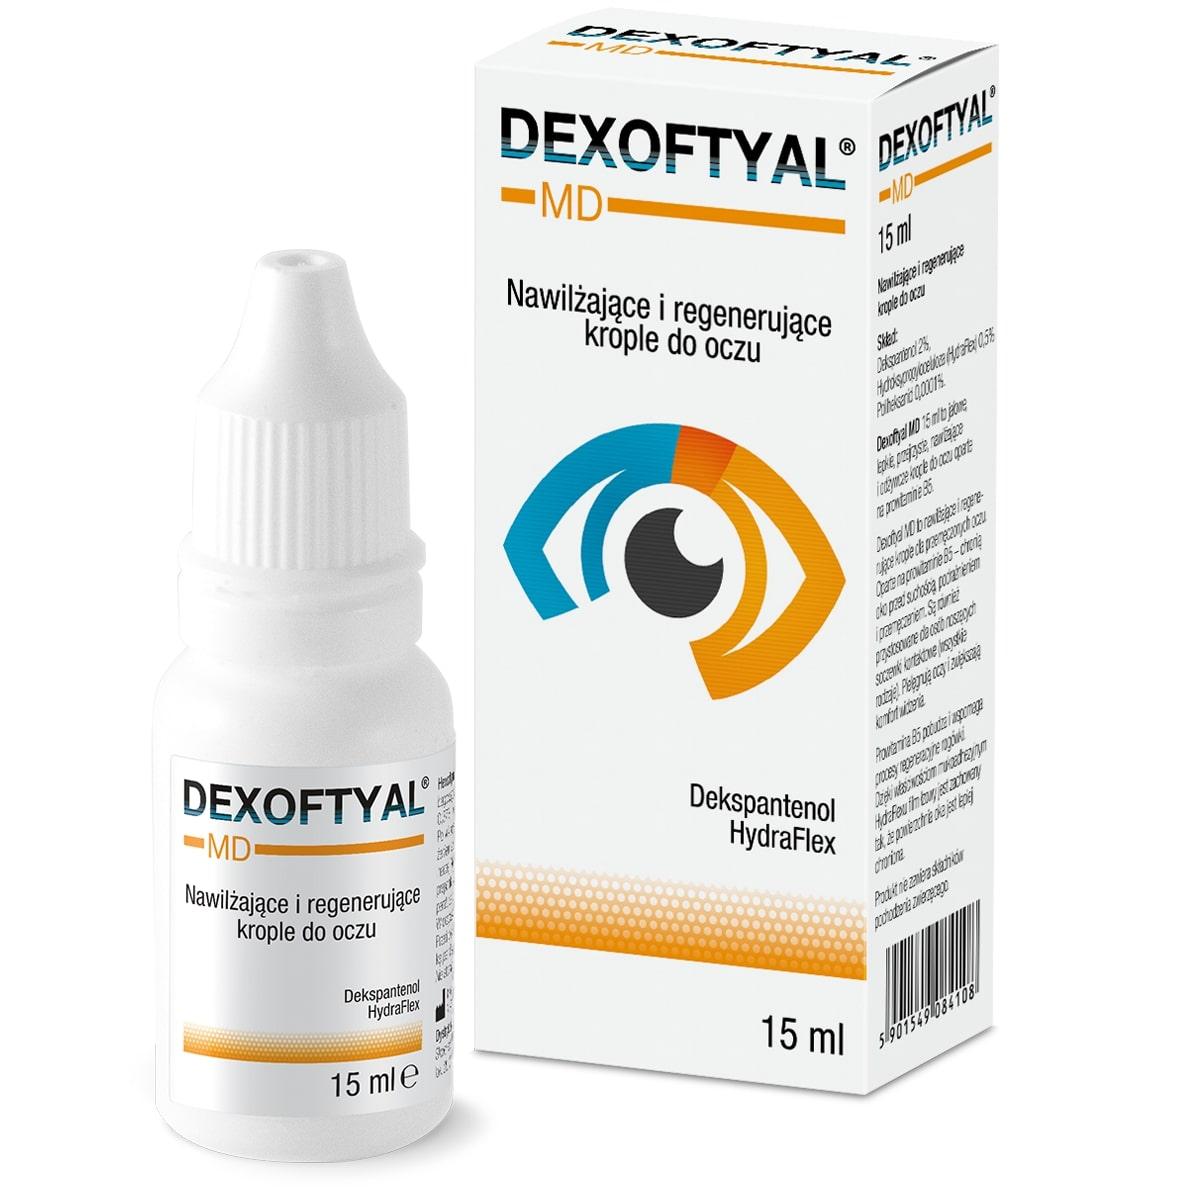 Dexoftyal MD